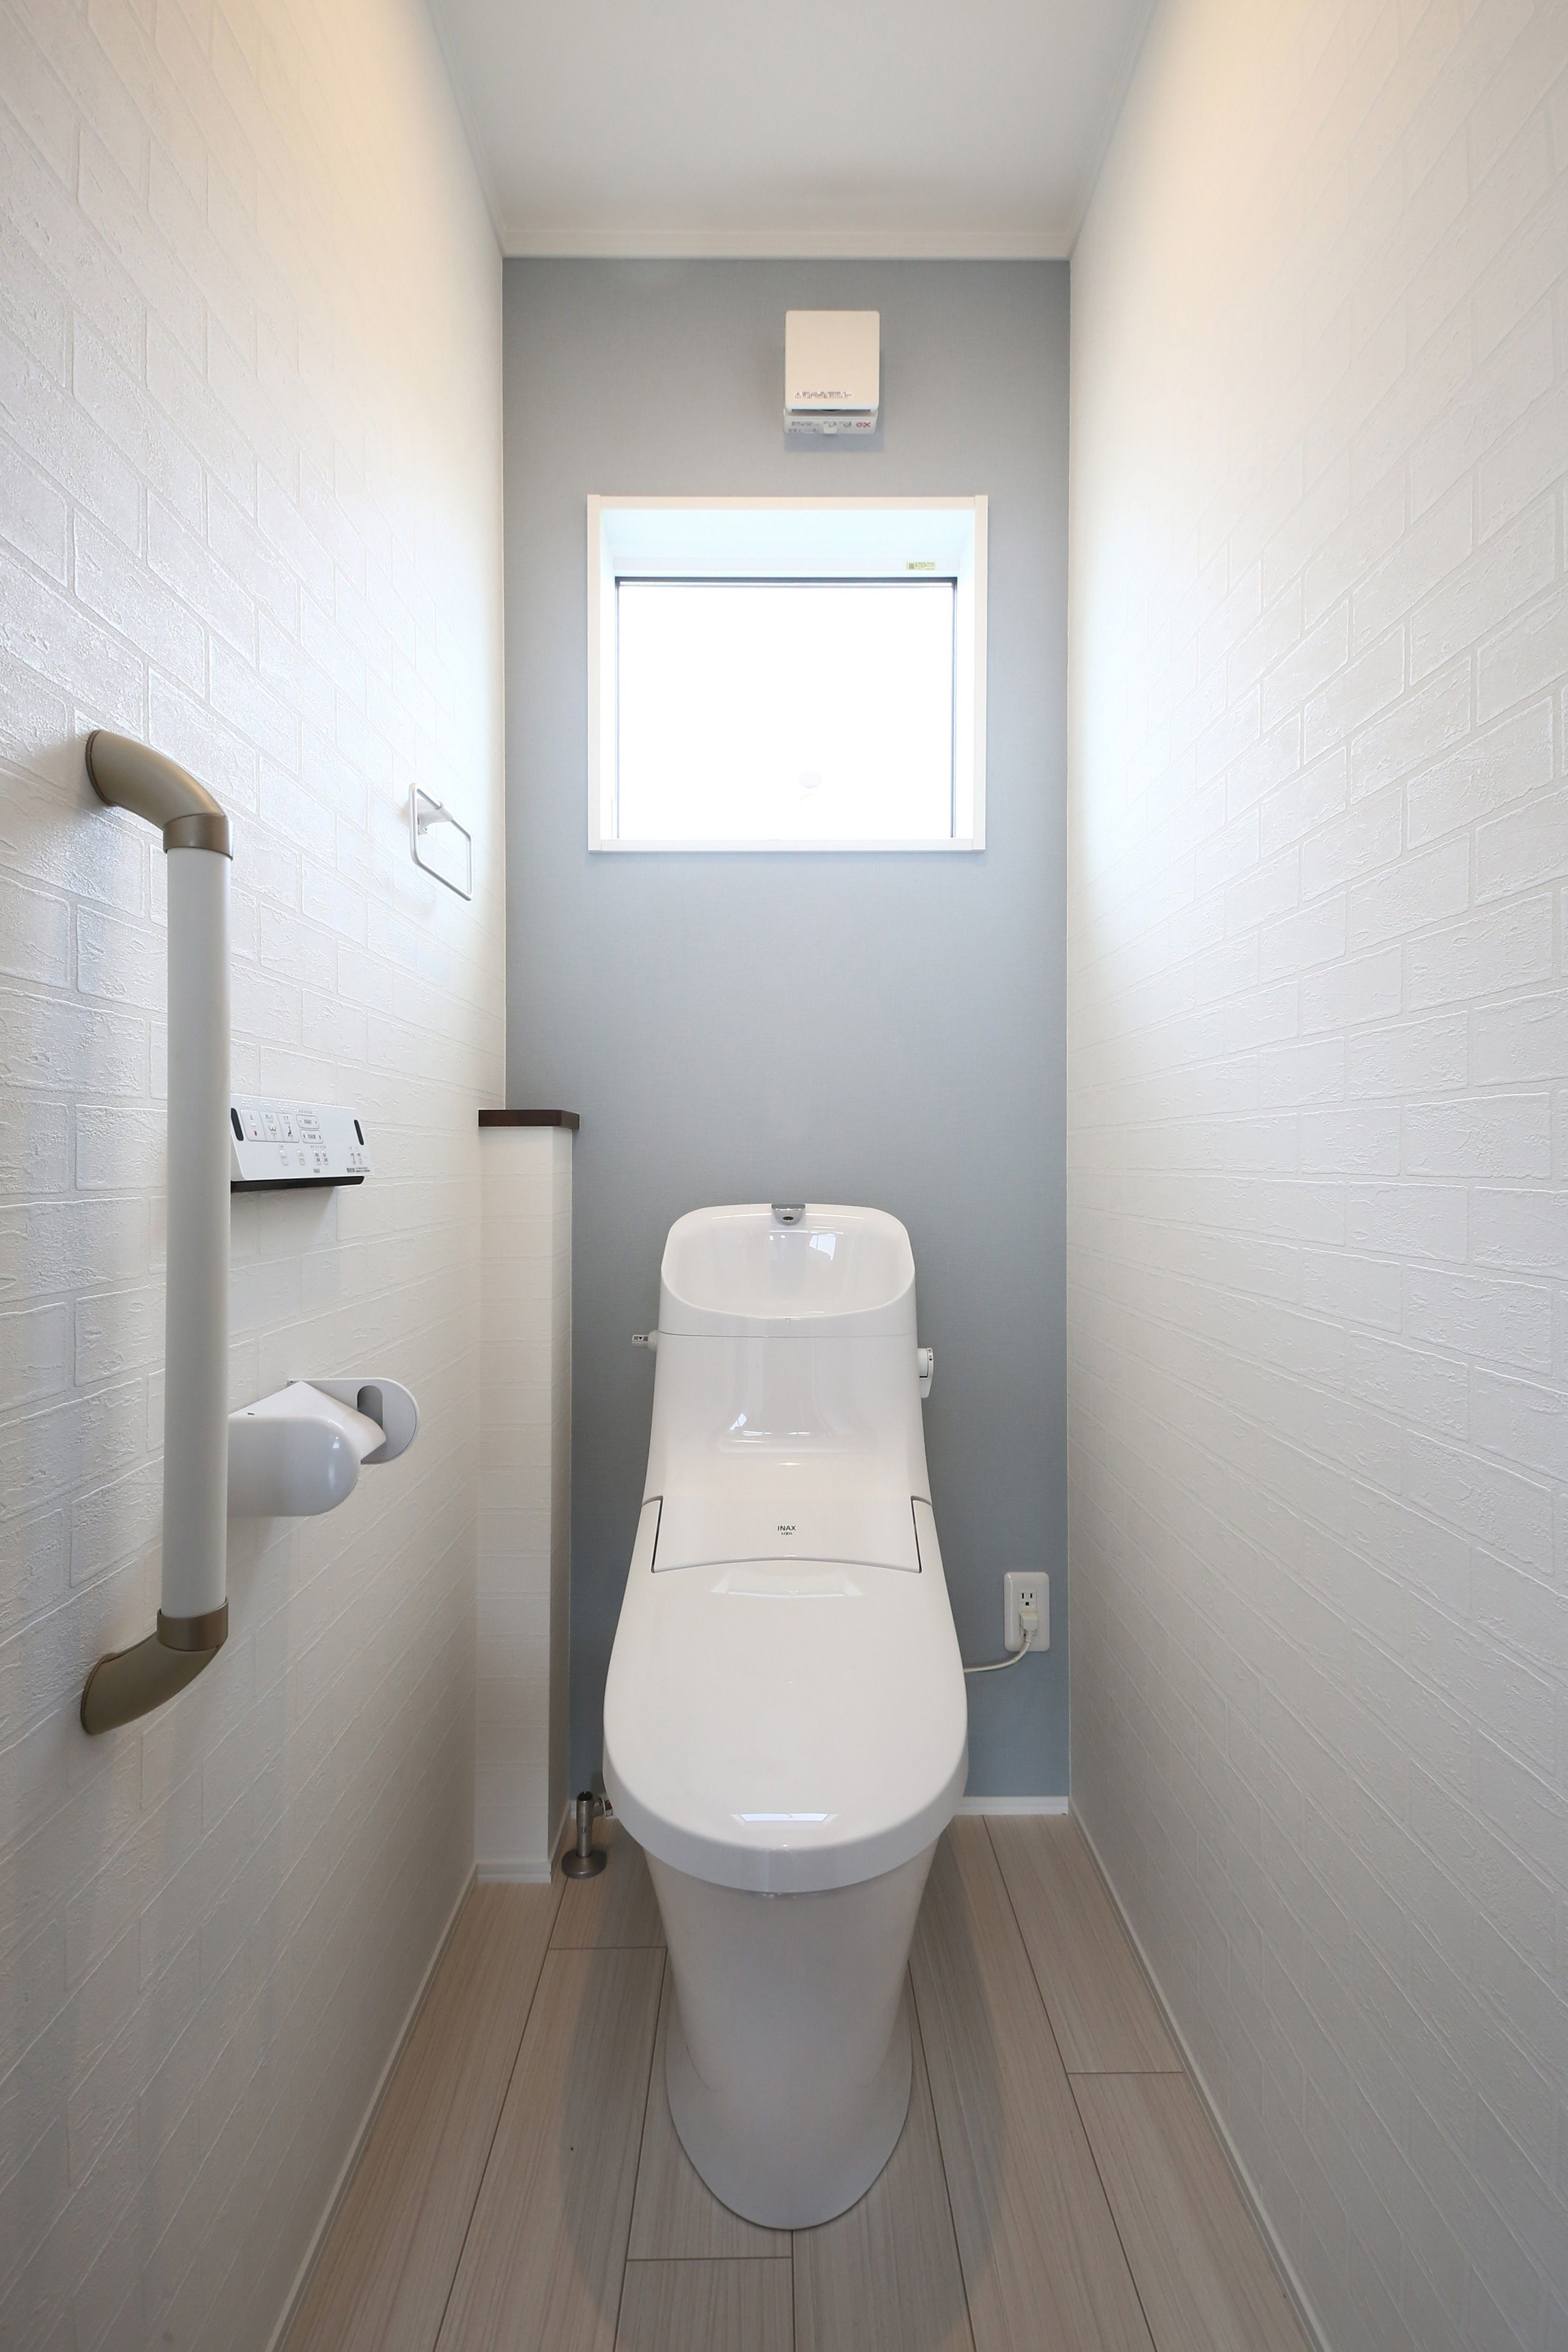 白のレンガ調クロスに水色のアクセントがかわいいトイレ トイレ おしゃれ トイレのデザイン トイレ 壁紙